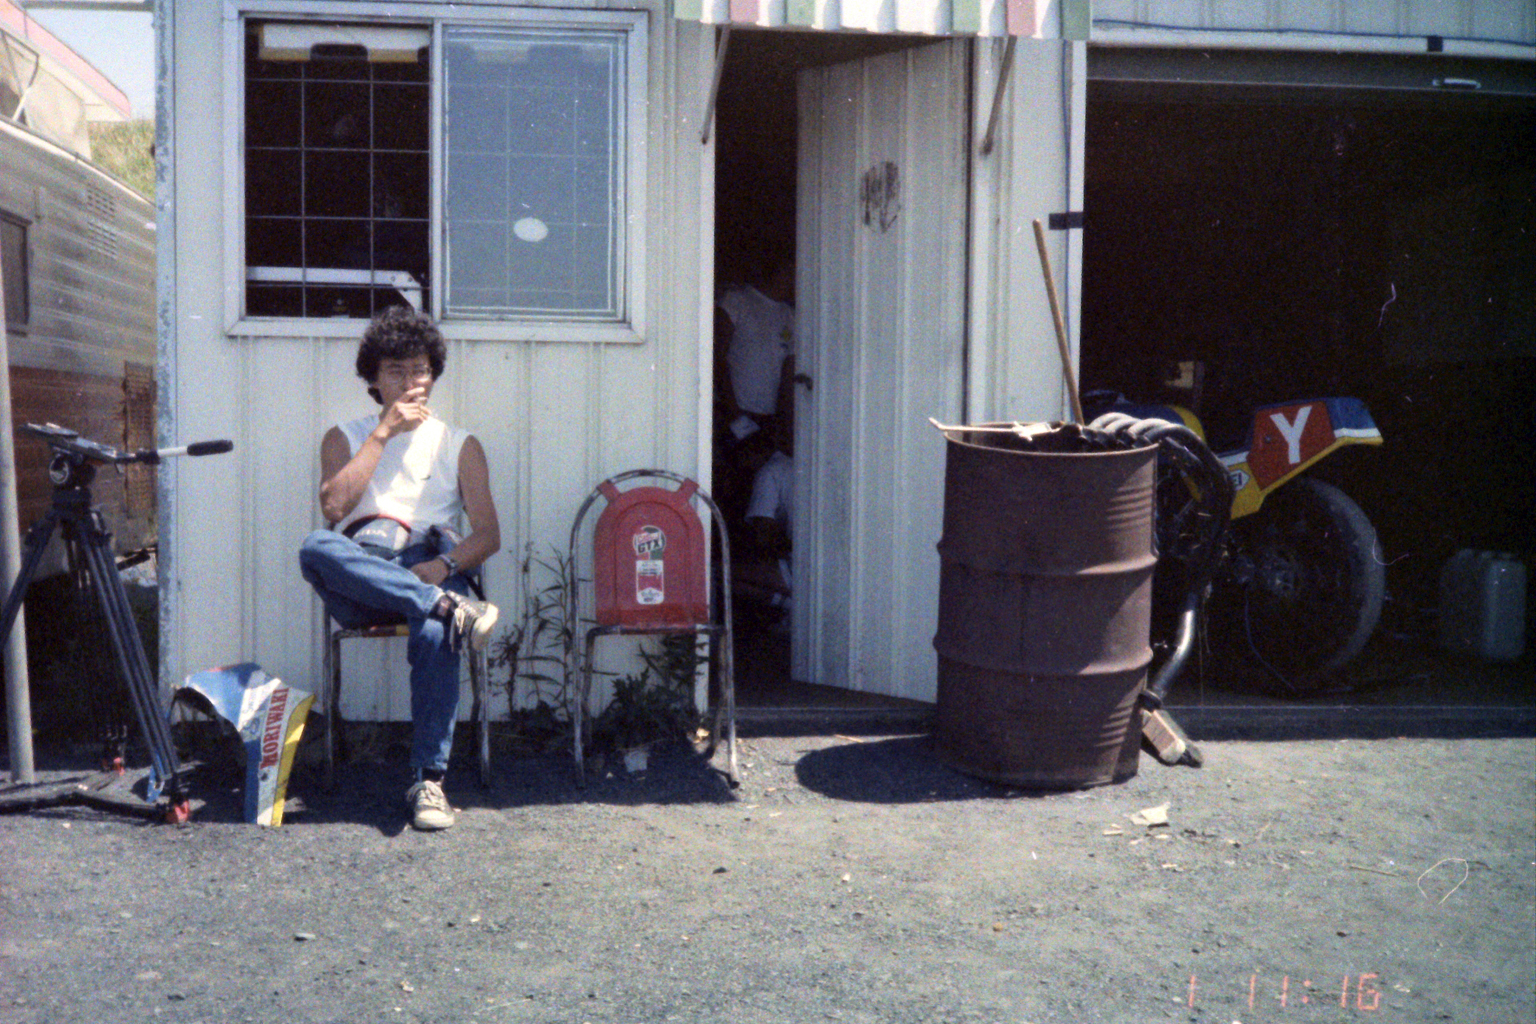 1984_Australia-12-1_1116